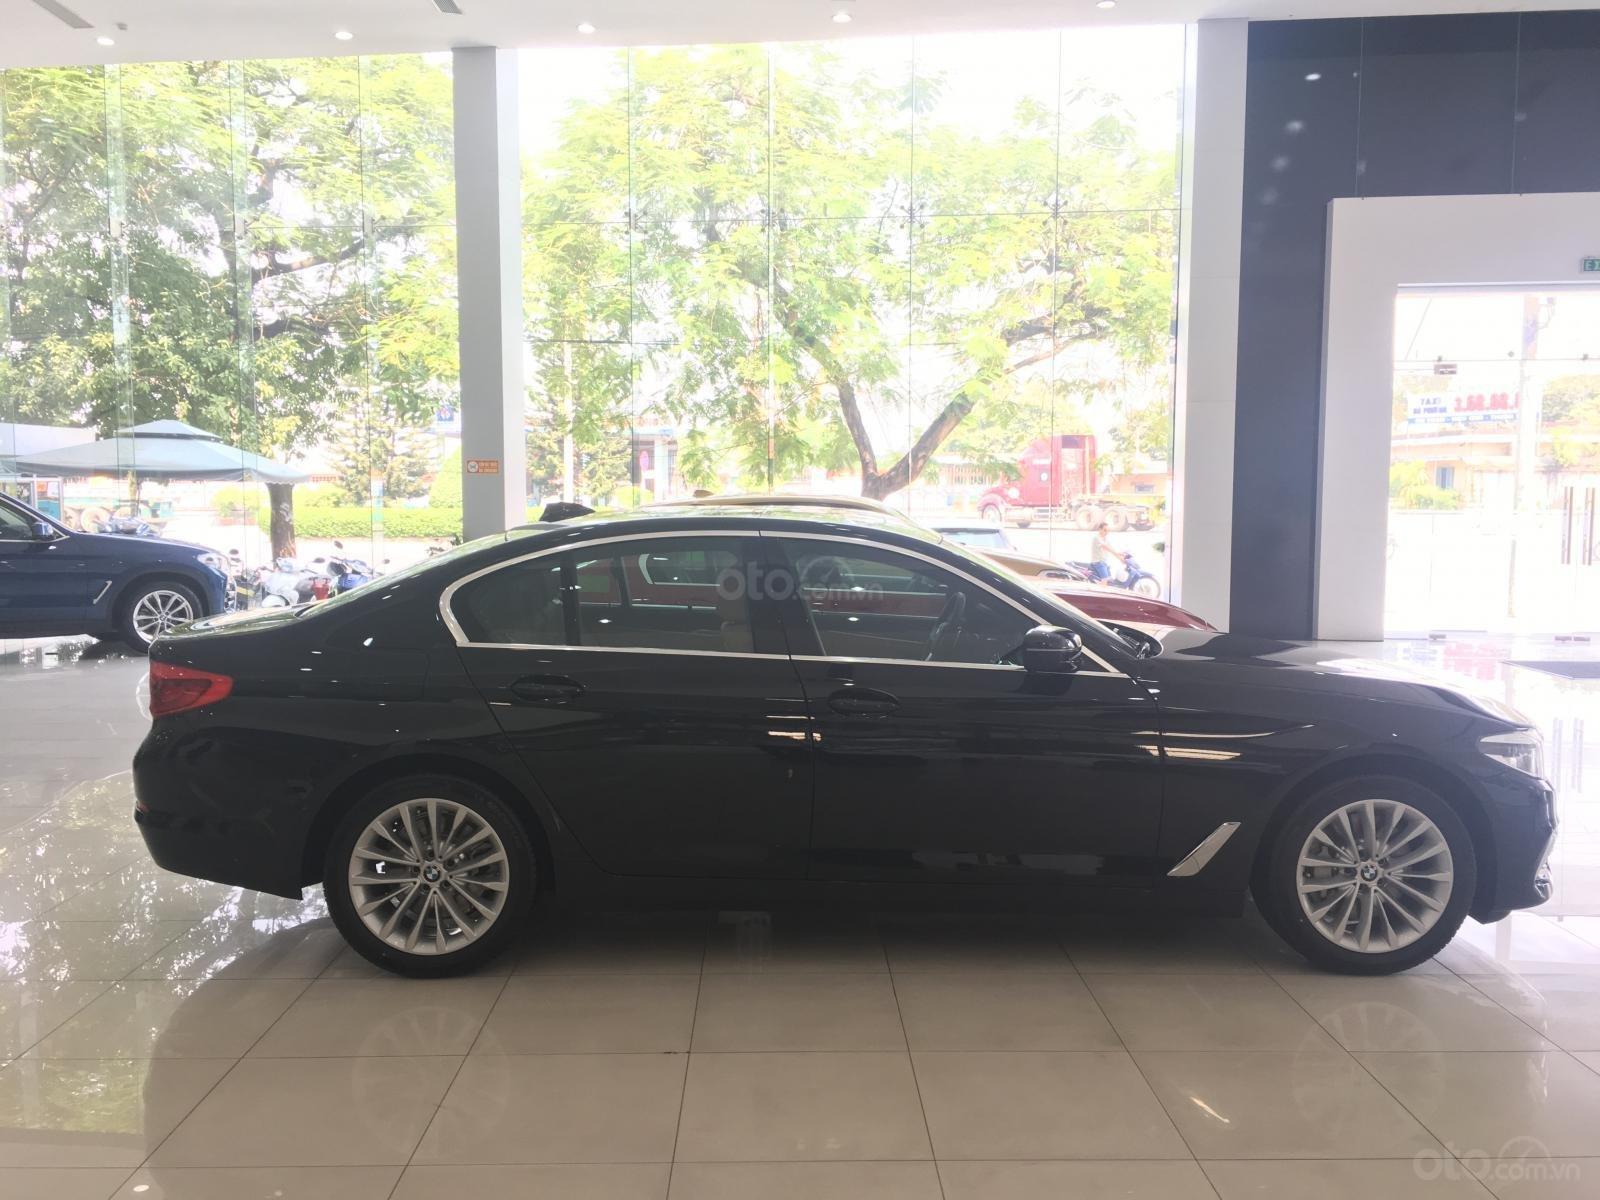 Siêu ưu đãi BMW 530i - Tặng 170 triệu tiền mặt - Xe nhập nguyên chiếc từ Đức (6)